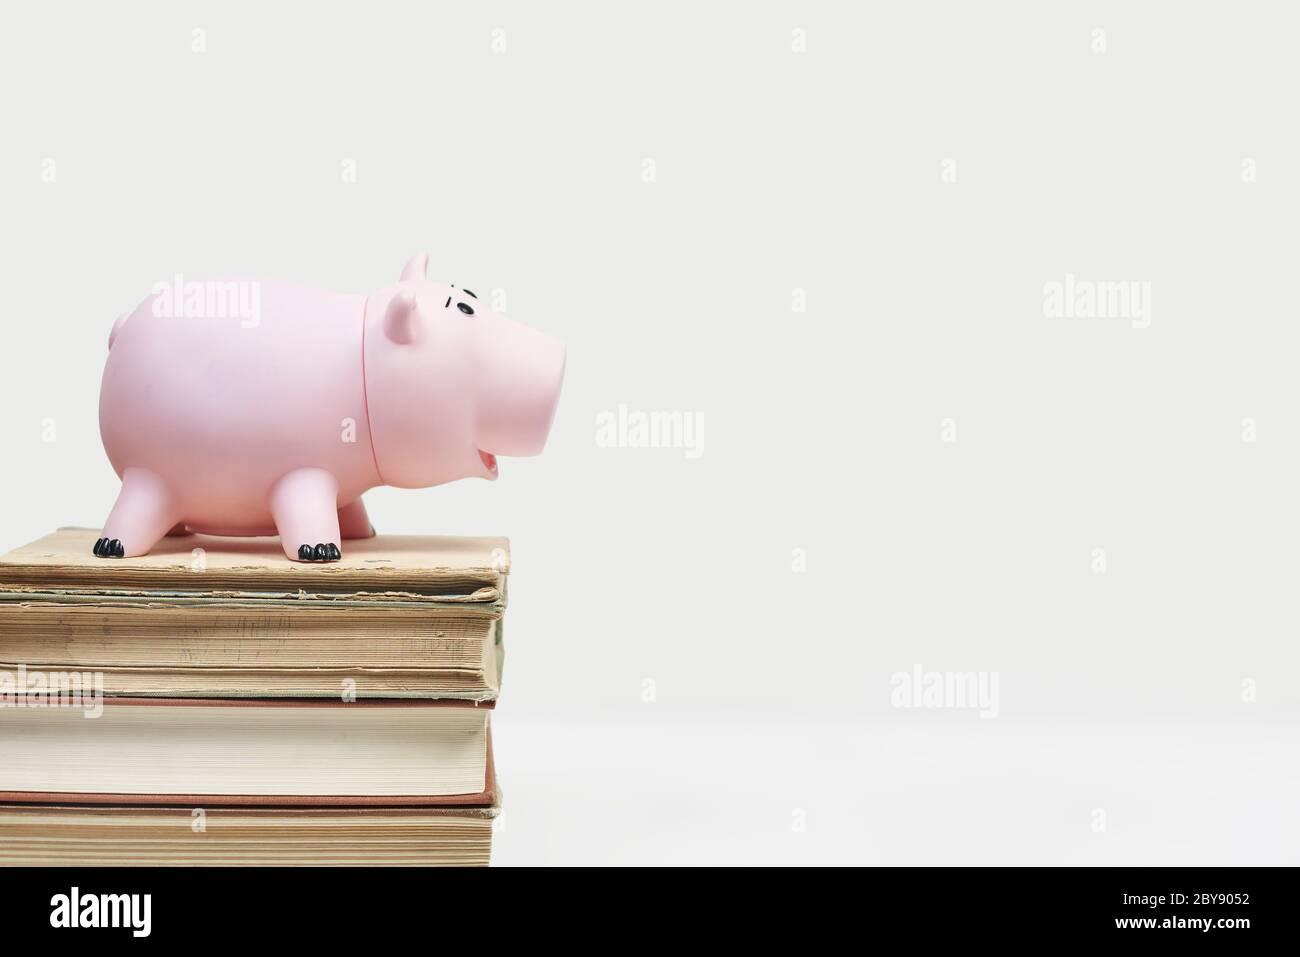 Pila de libros viejos con banco de palomas. Costo de la educación. Ahorro de dinero para la universidad. Ahorre y pague por la educación universitaria infantil. Formación en línea o. Foto de stock